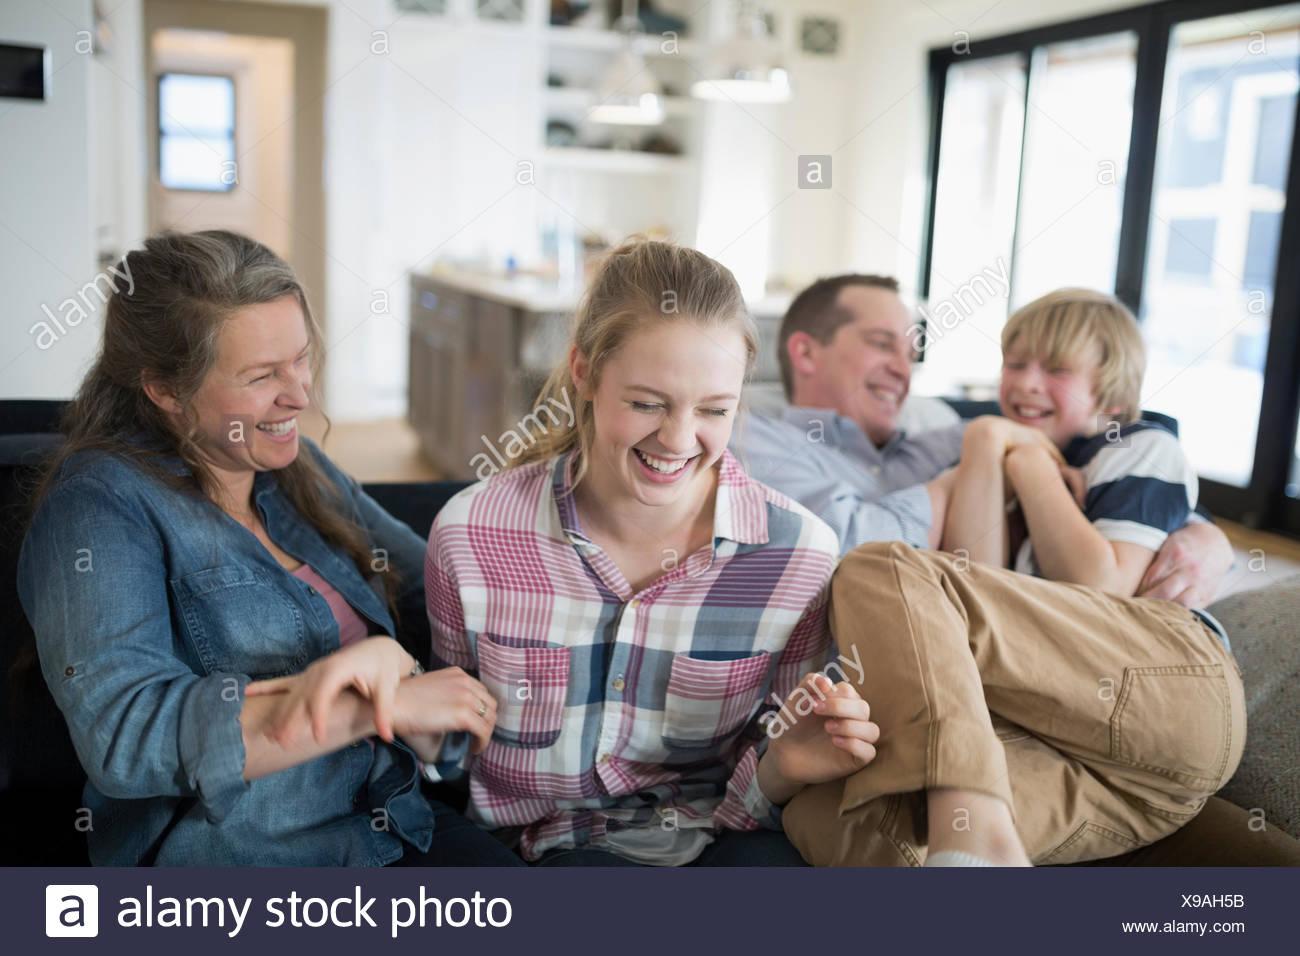 Rire sur la famille salon canapé Photo Stock